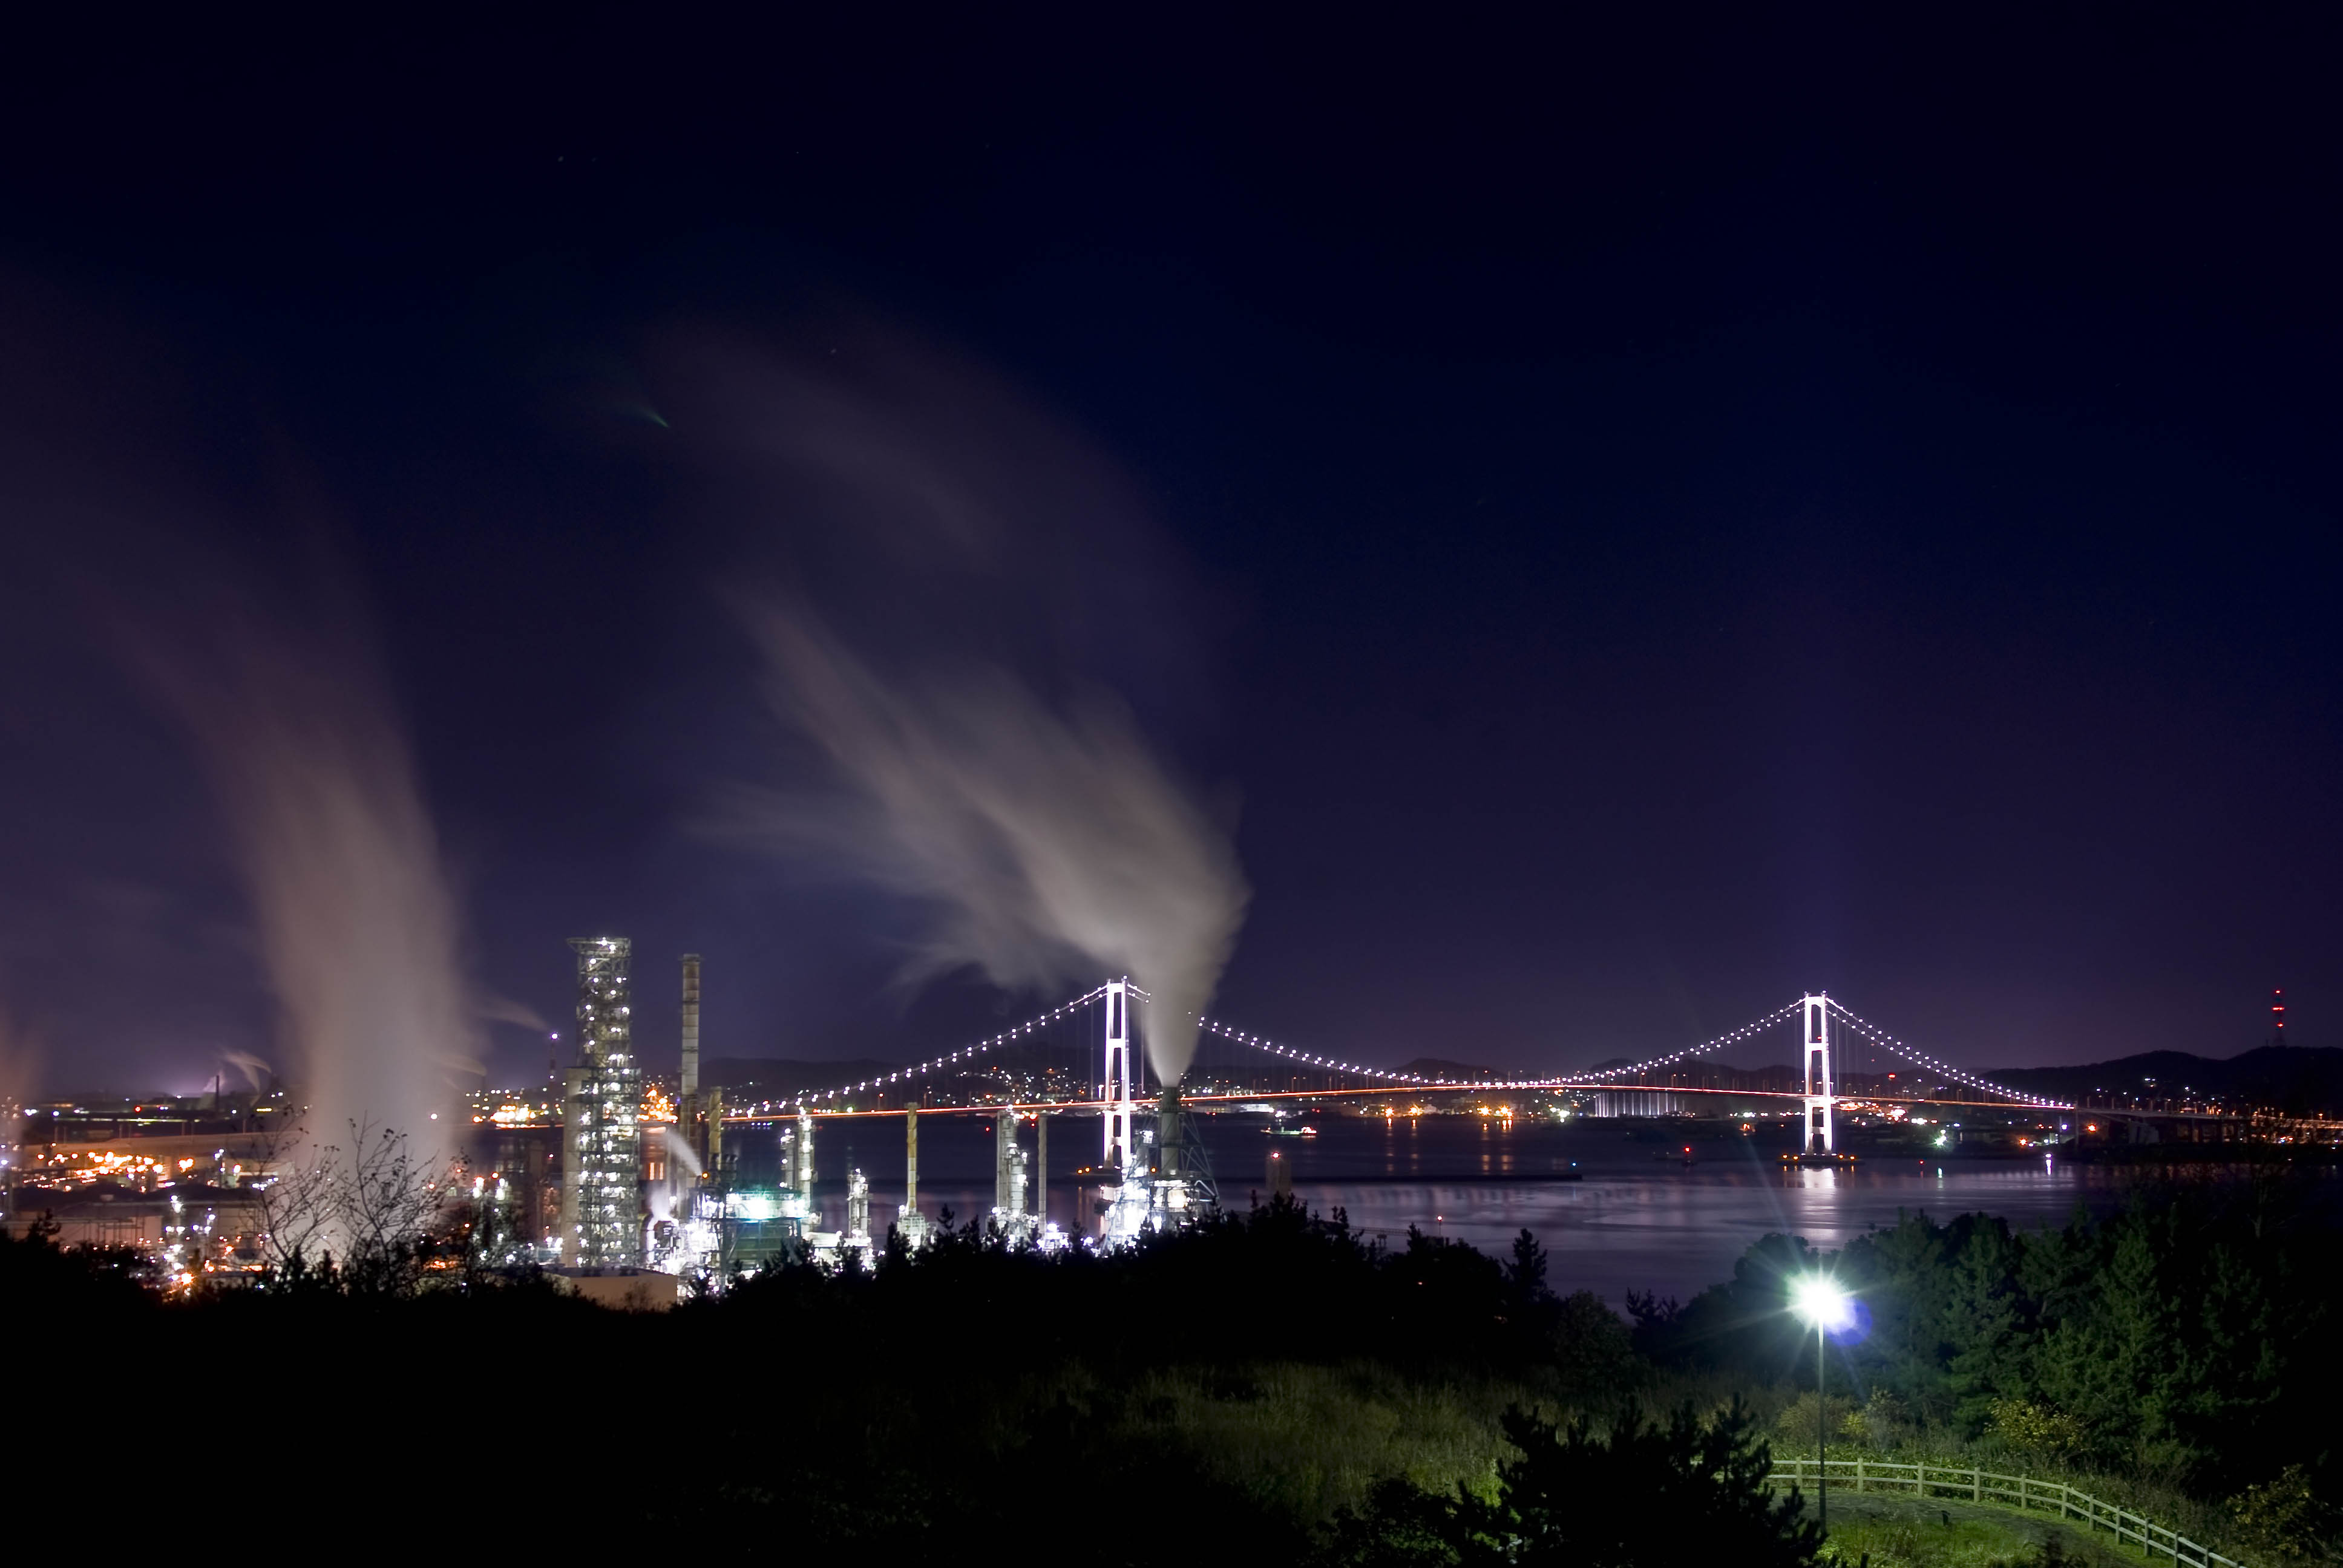 名所の工場夜景見学も 市長がバスガイド 室蘭市長編 札幌発着 (11/4) 札幌